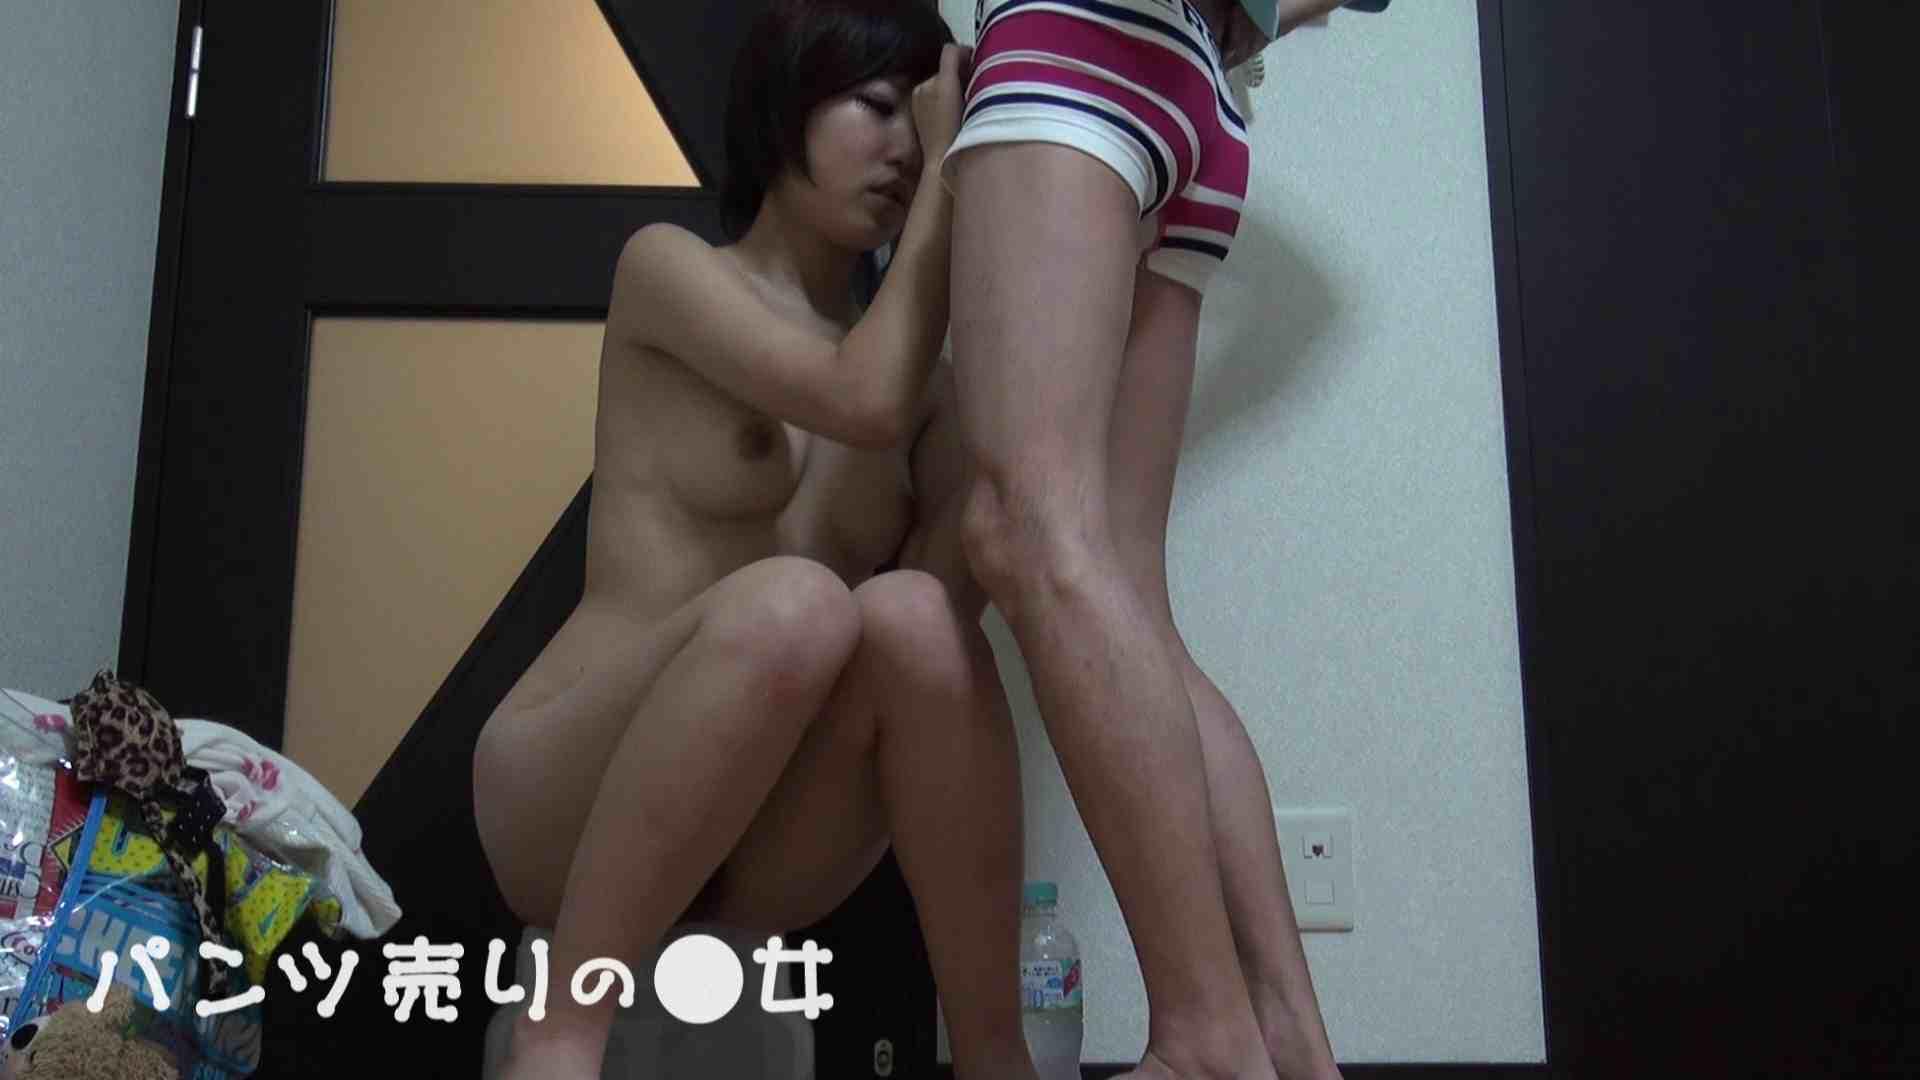 新説 パンツ売りの女の子nana02 おまんこ   無修正マンコ  102連発 46